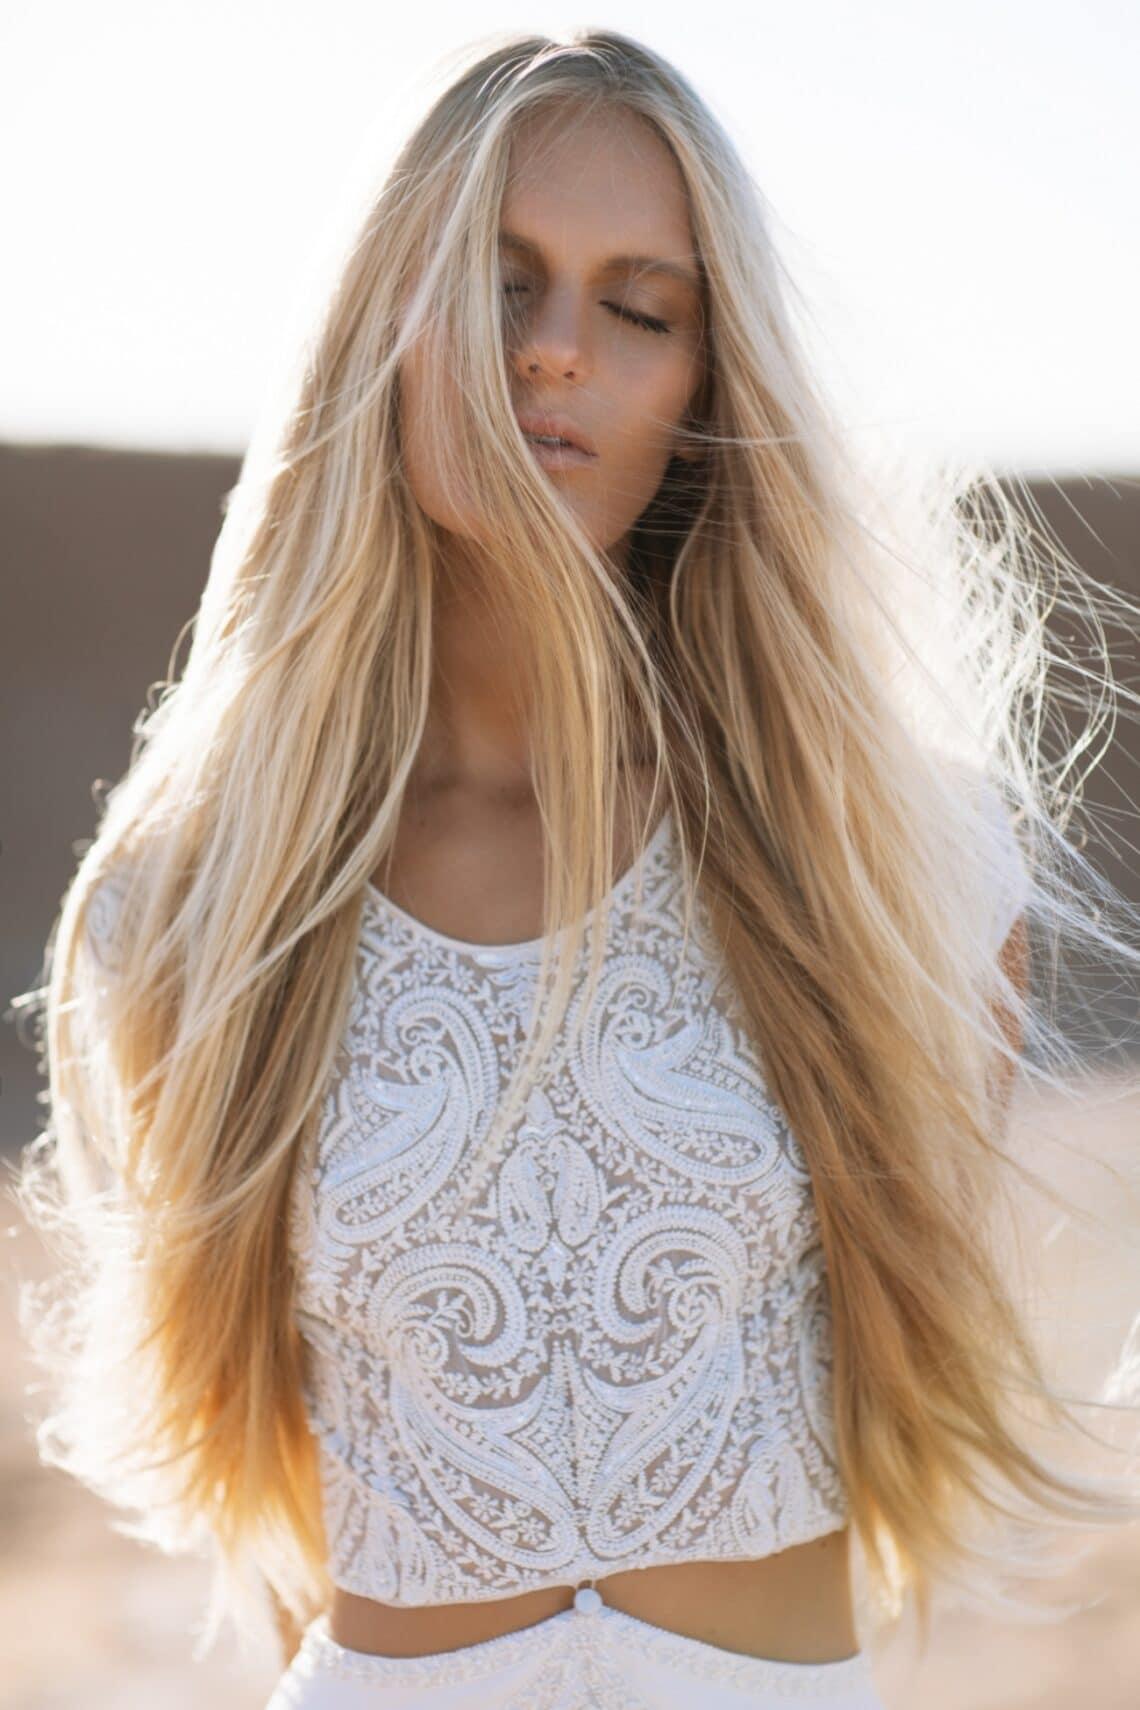 Mit árul el rólad a szőke hajszíned? + Szuper frizuraötletek szőkéknek